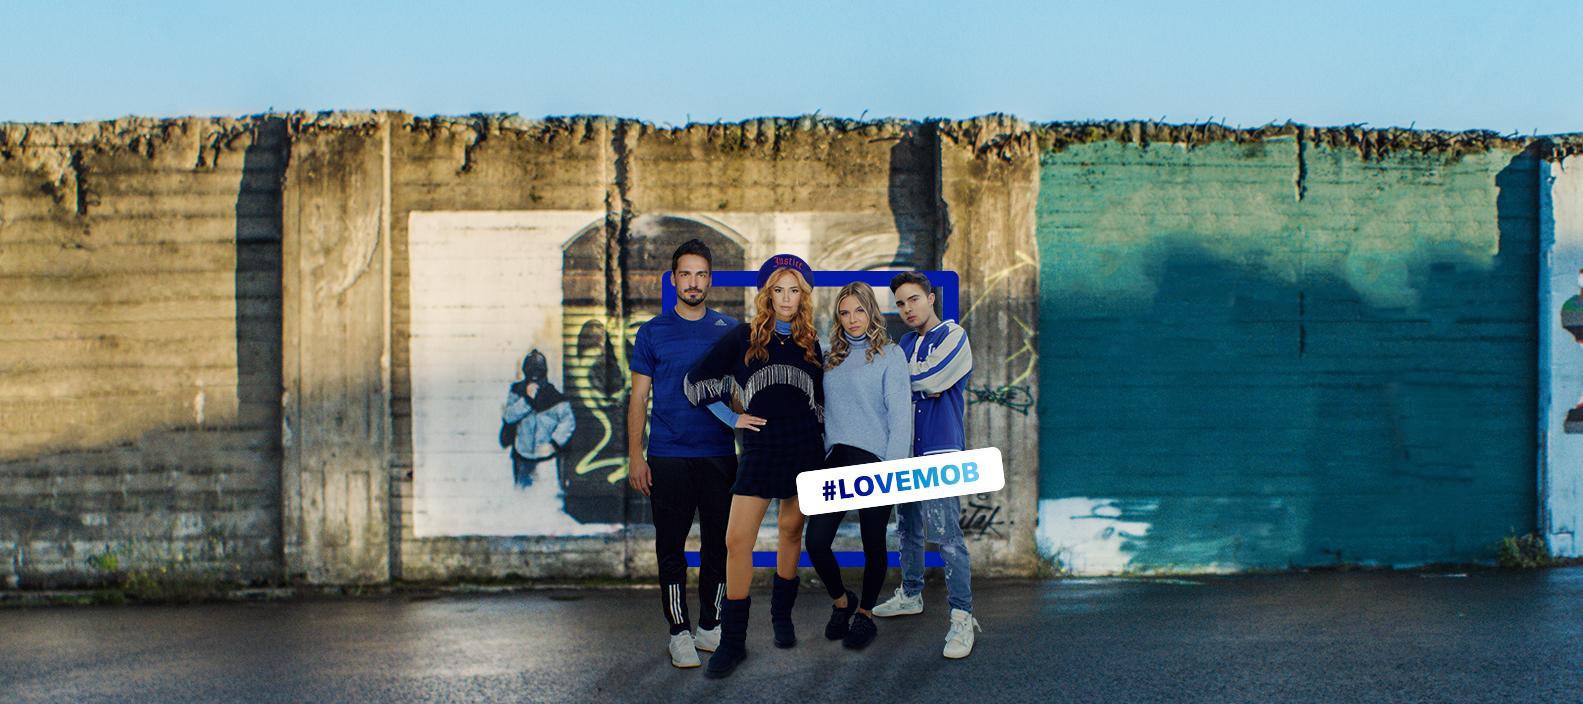 #LOVEMOB – gemeinsam gegen Cybermobbing!